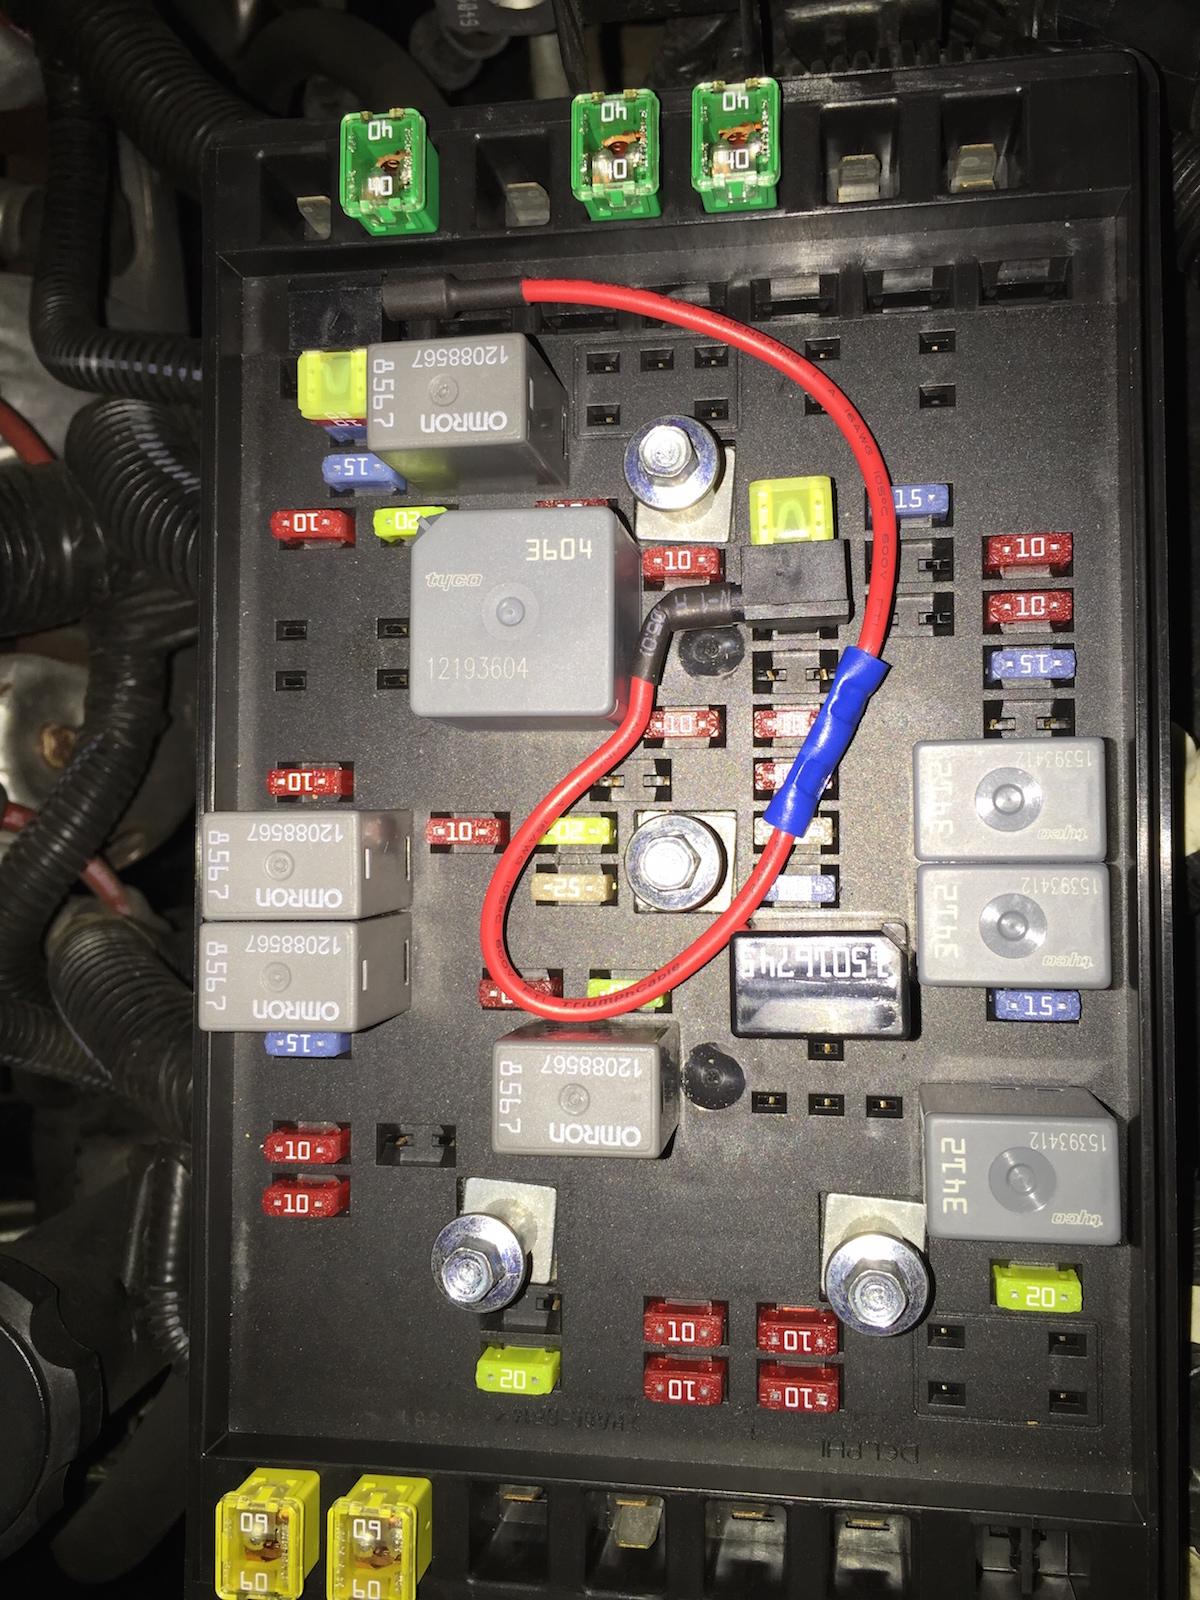 267906d1441378395 underhood fuse box jumper last 10 img_1876 underhood fuse box jumper last 10 chevy ssr forum ssr fuse box at readyjetset.co